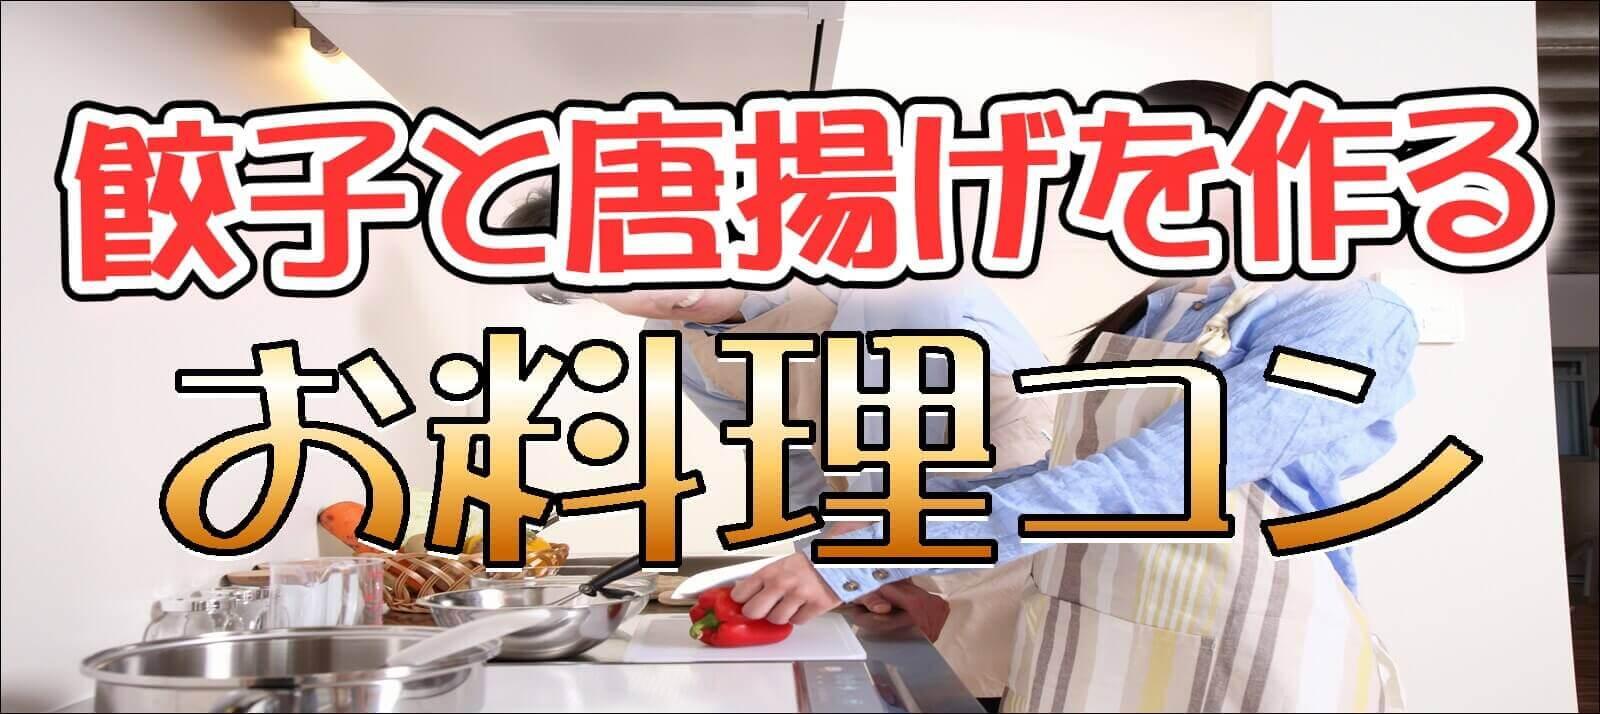 【日本橋のプチ街コン】エスクロ・ジャパン株式会社主催 2016年11月21日